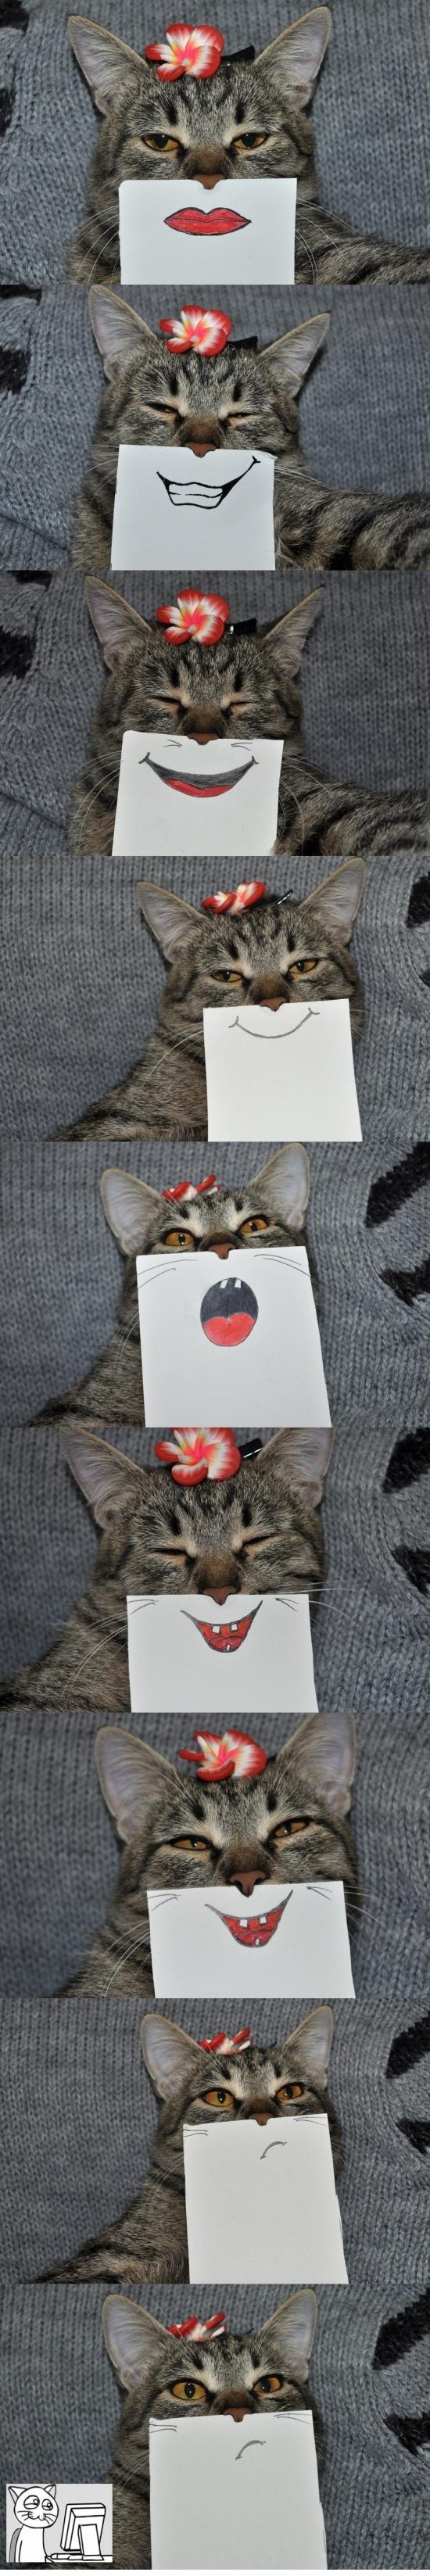 Computer_guy - Esto pasa cuando estás solo con tu gato y tienes demasiado tiempo libre